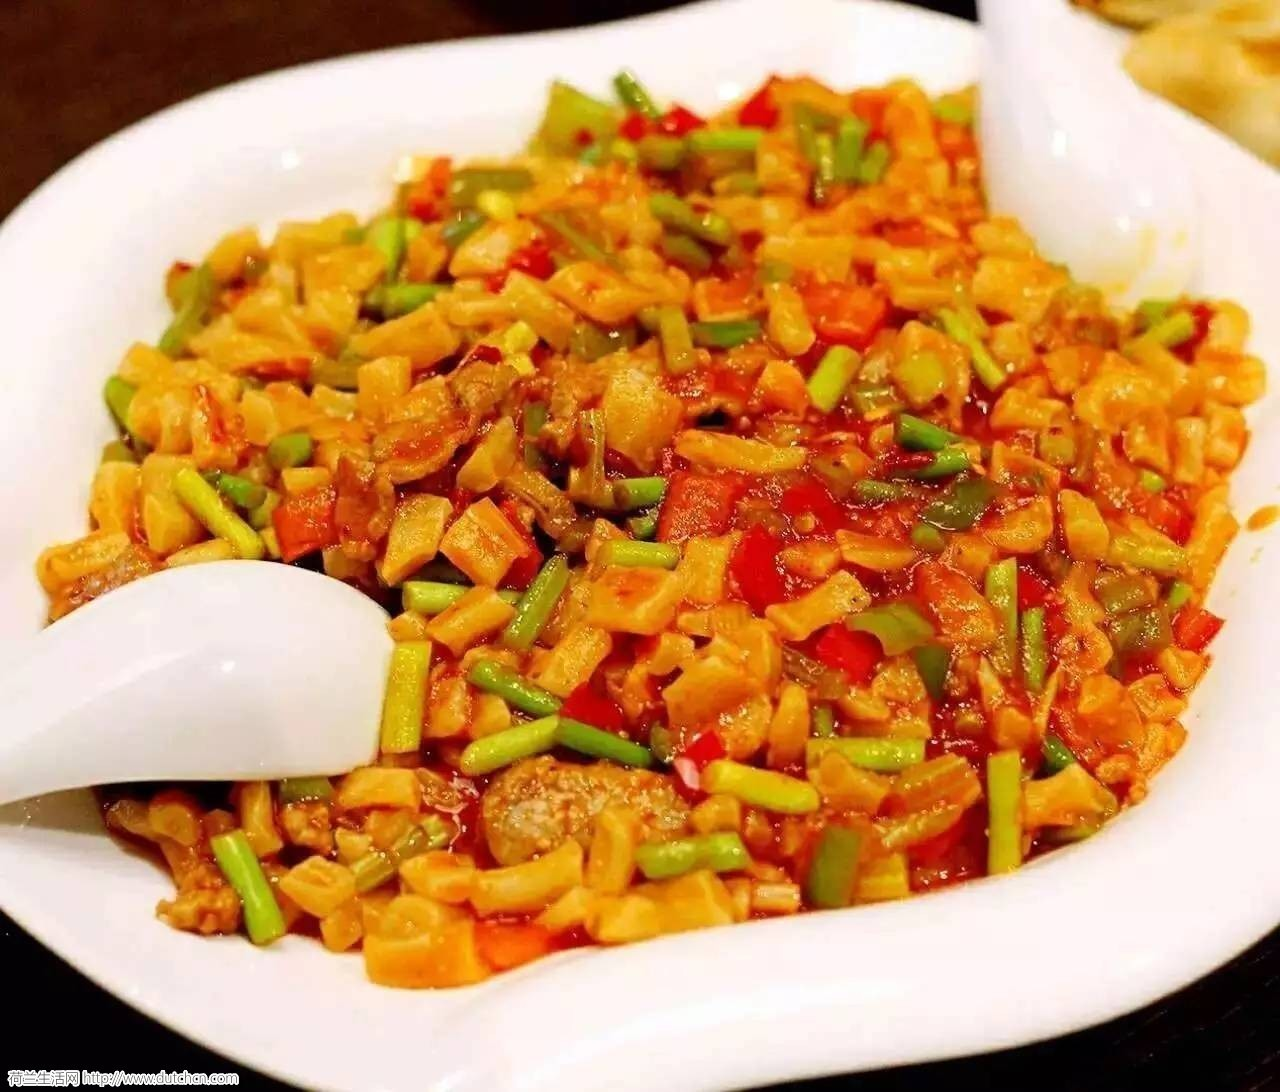 免费试吃 | 去荷兰这家餐厅,让你感受下新疆菜+北方菜有多惊艳!